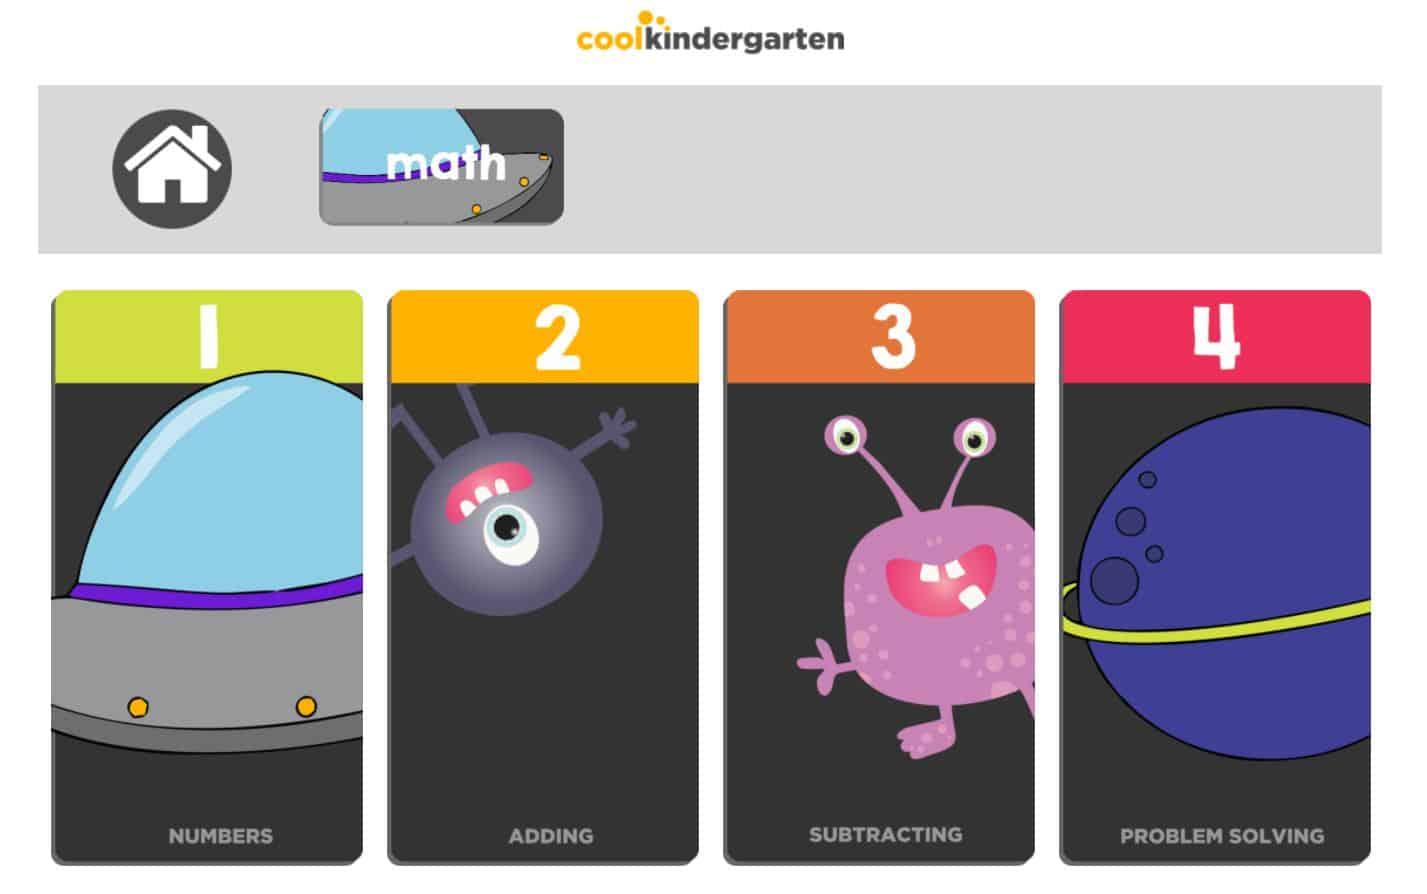 coolkindergarten